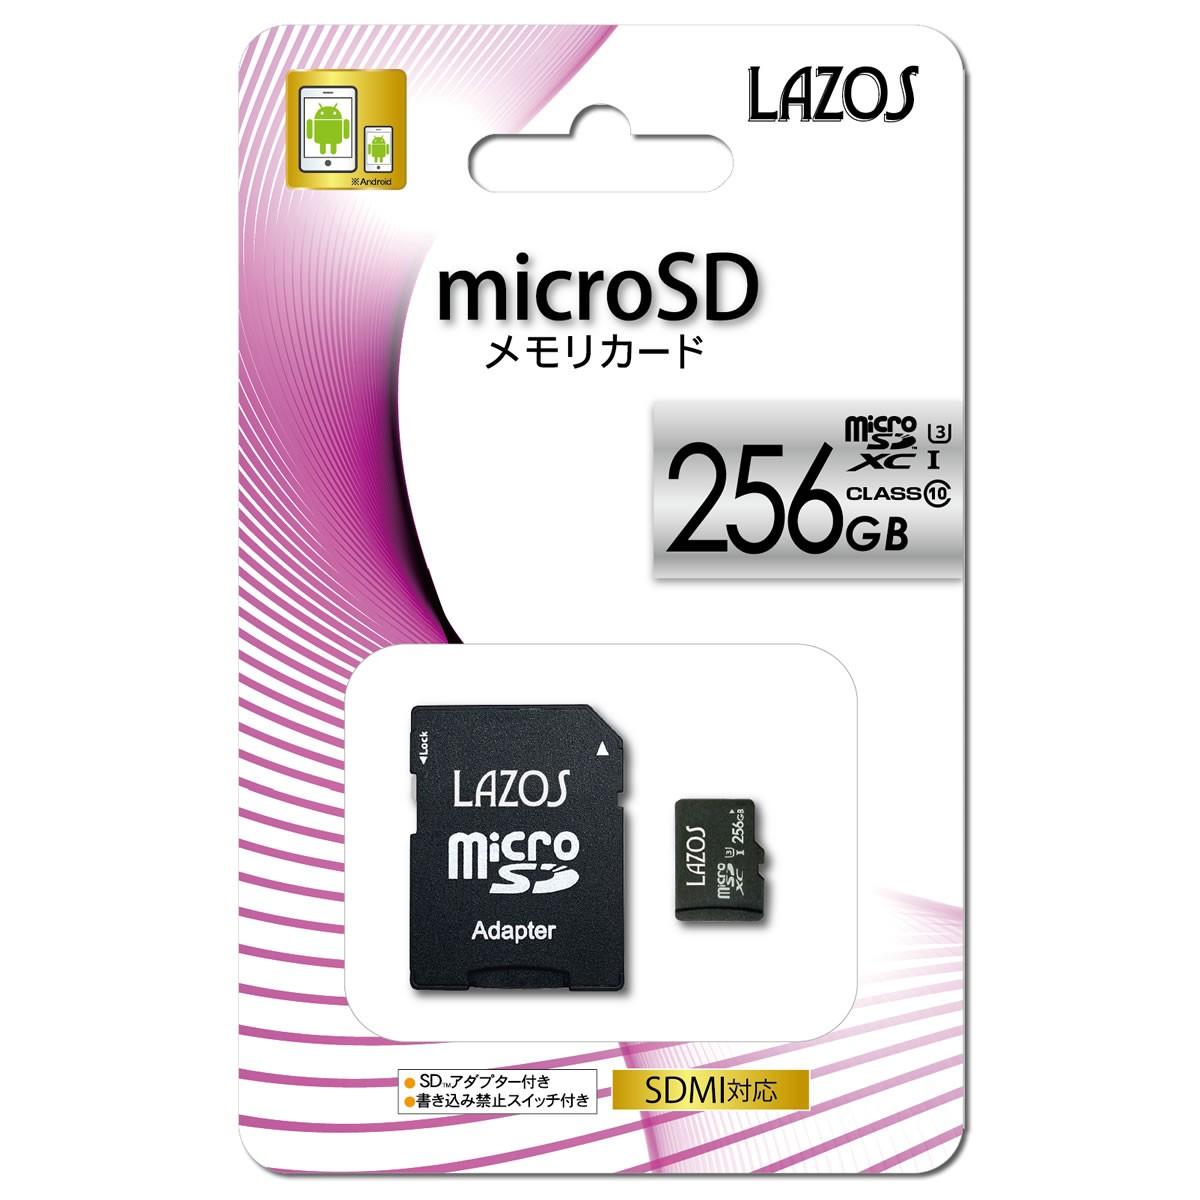 MicroSDメモリーカード 64GB マイクロ SDカード microSDHC メモリーカード TFカード CLASS10 国内1年保証 (メール便送料無料)